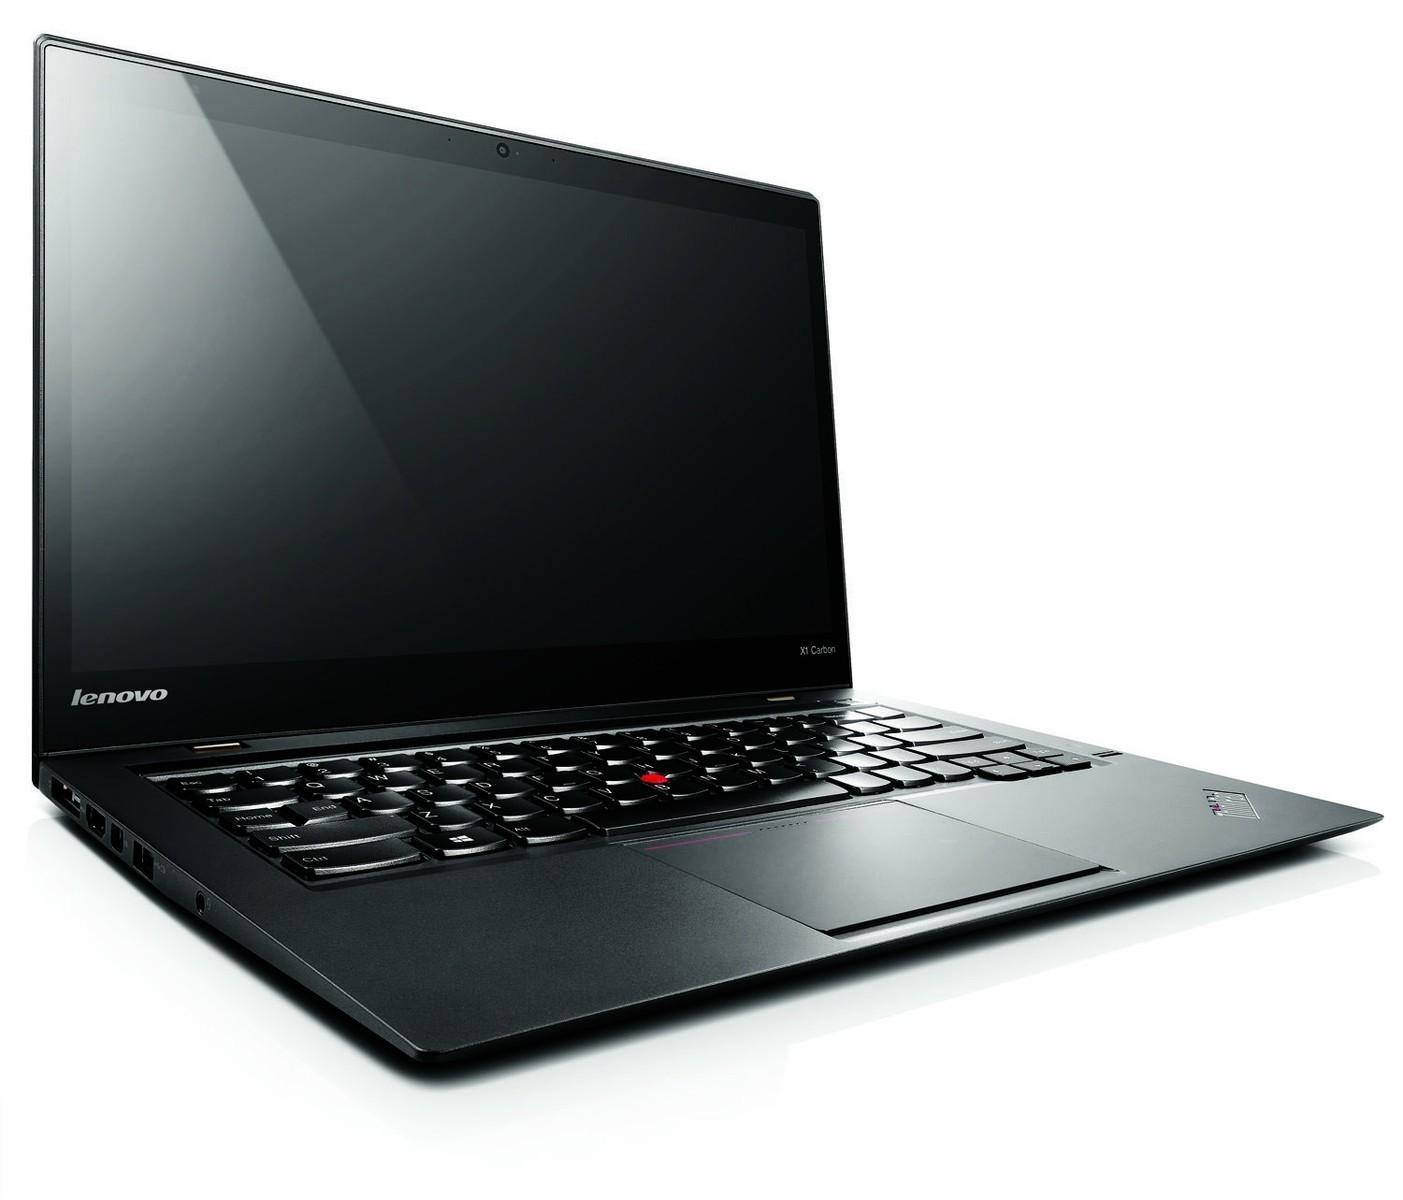 THINKPAD LENOVO X1 I5-16GB-SSD512GB